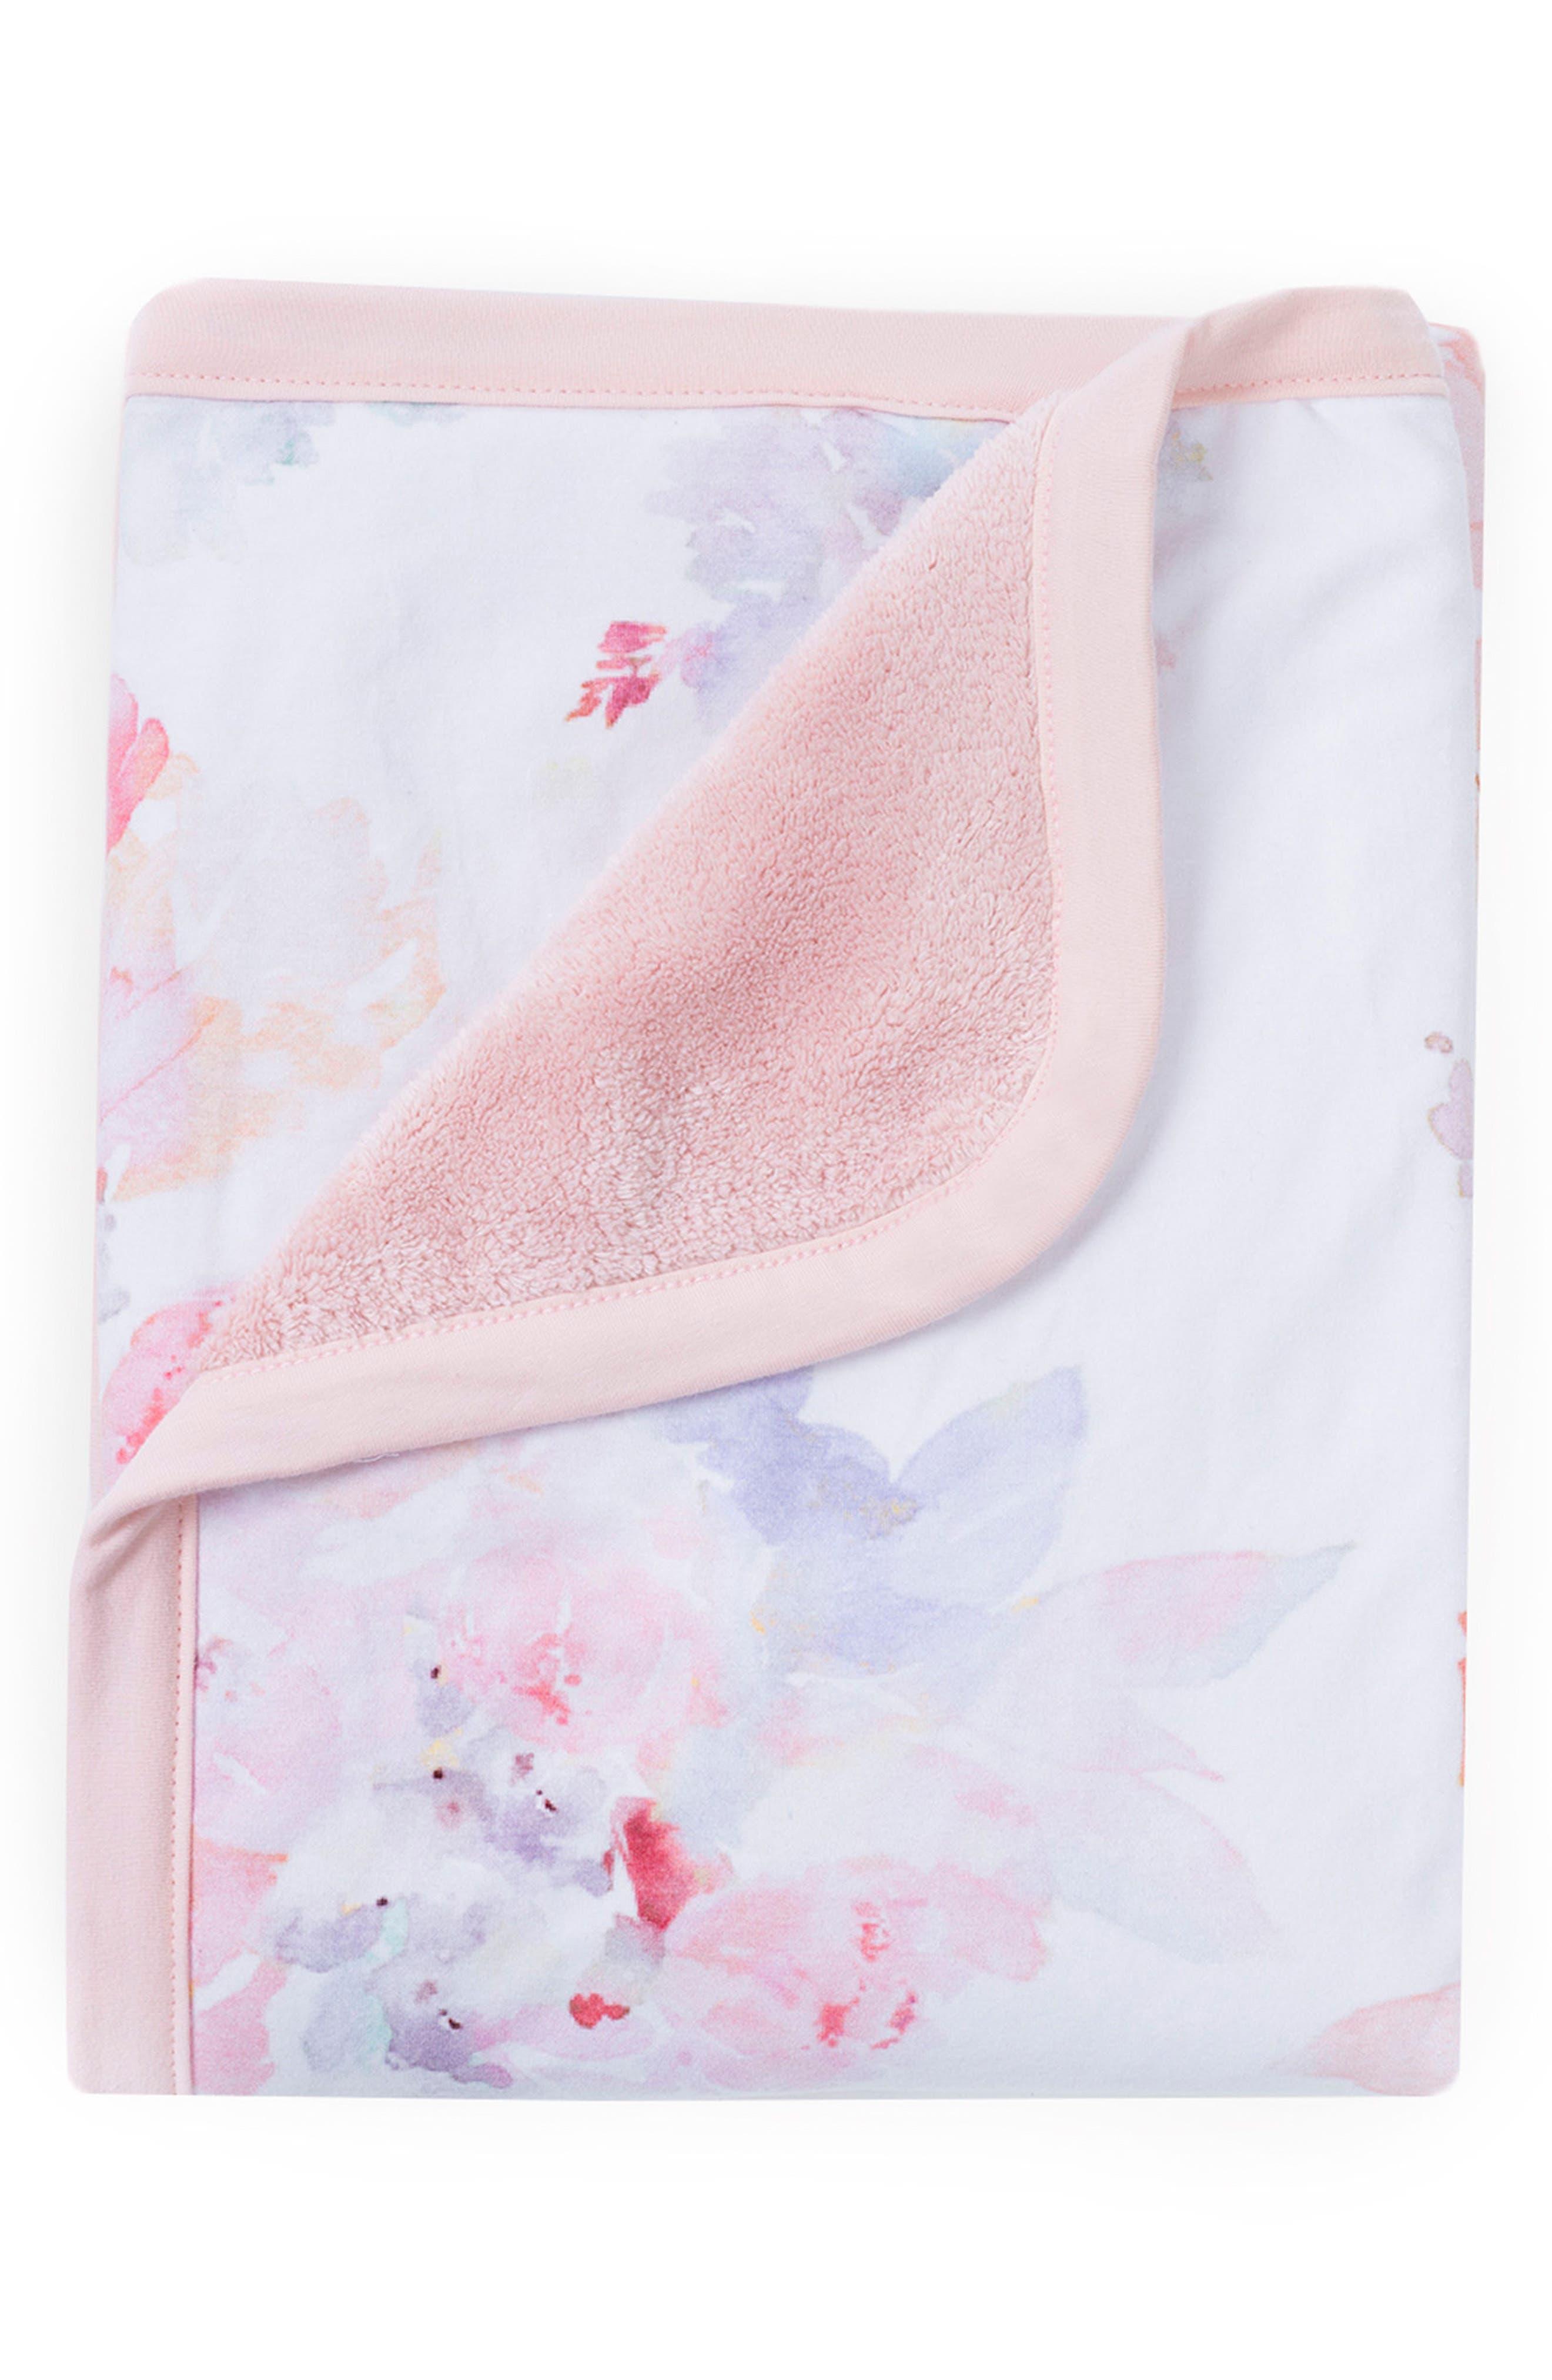 Prim Cuddle Blanket,                         Main,                         color, PRIM